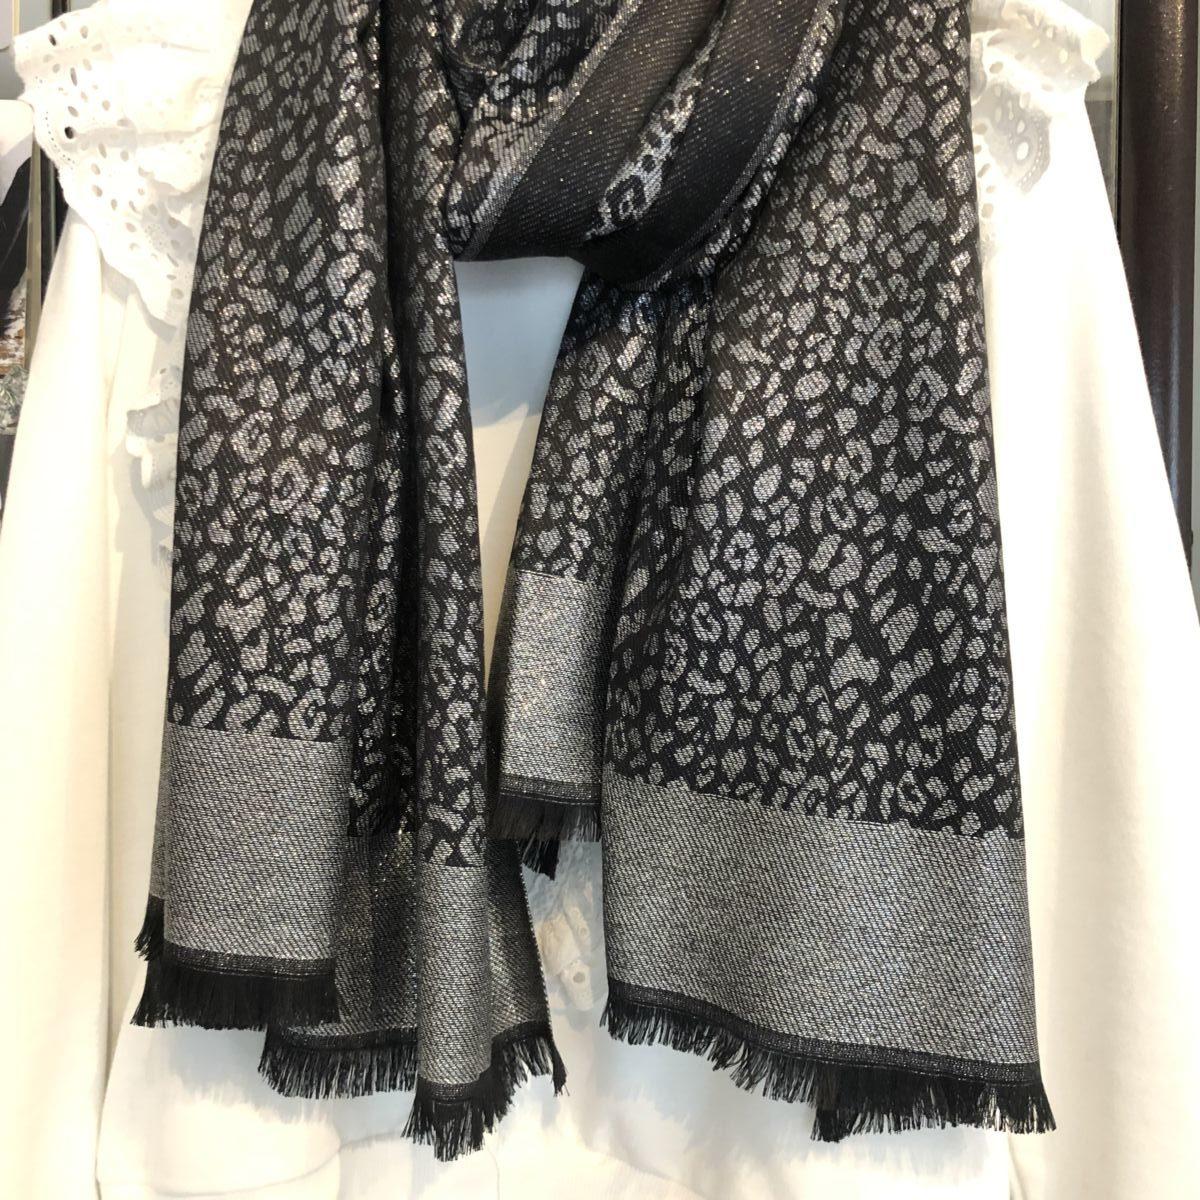 Foulard noir argenté by Destele